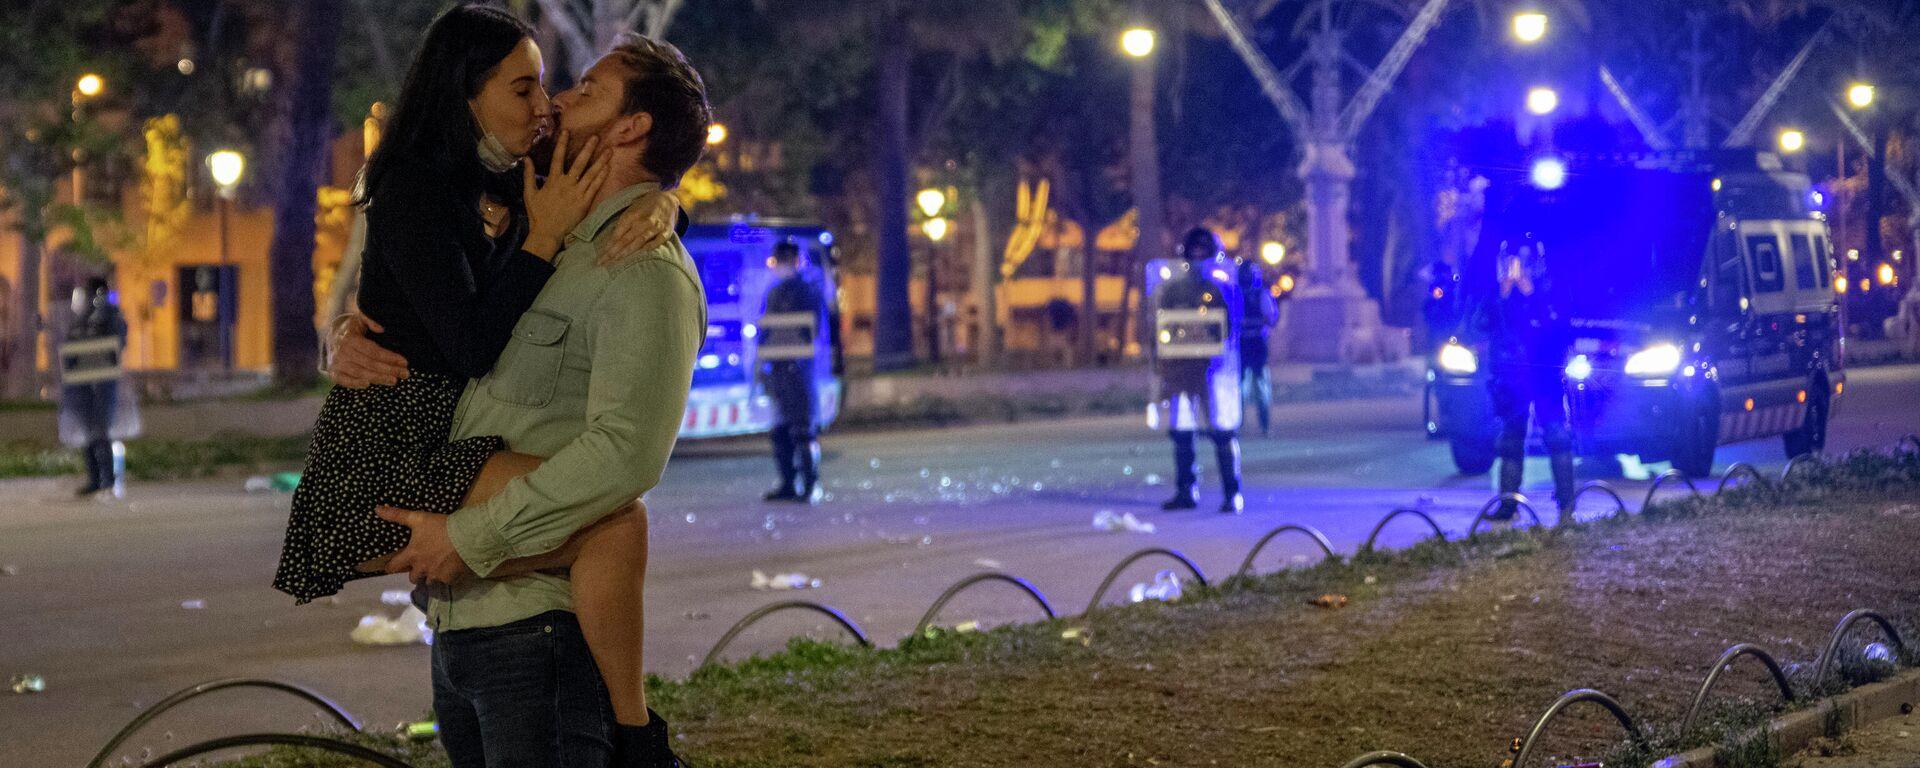 Una pareja se besa en una céntrica calle de Barcelona durante la primera noche sin el estado de alarma - Sputnik Mundo, 1920, 02.09.2021